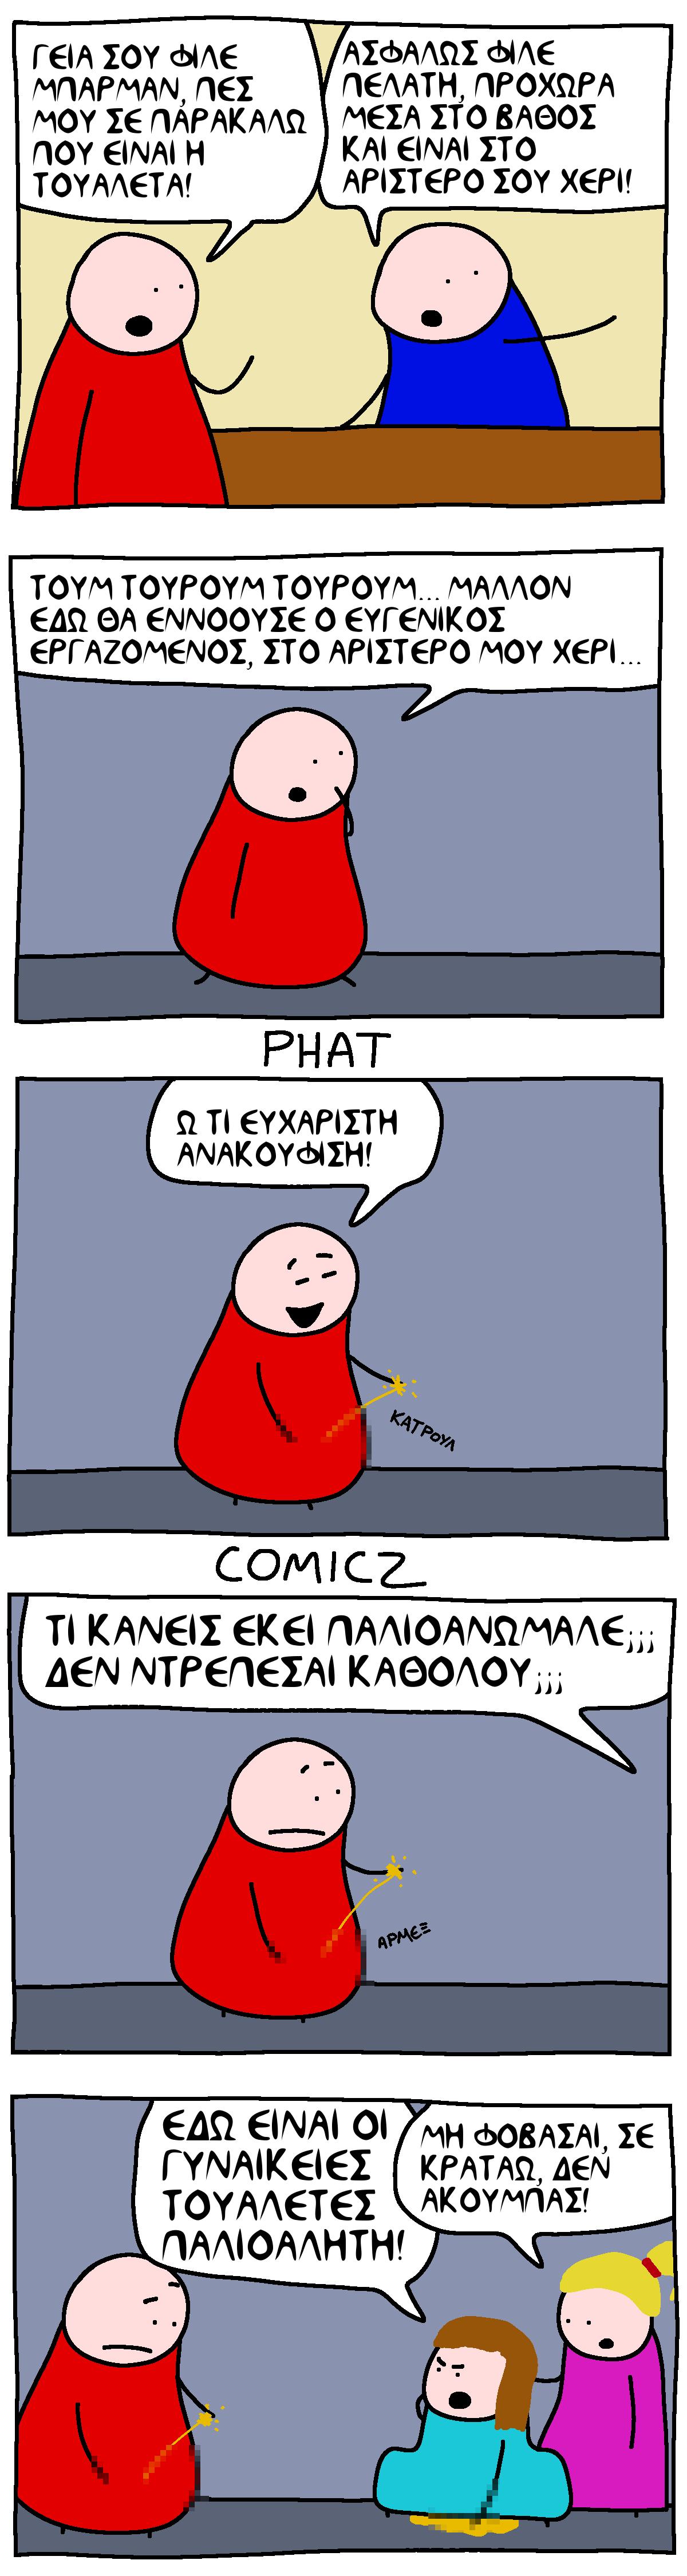 toualeta